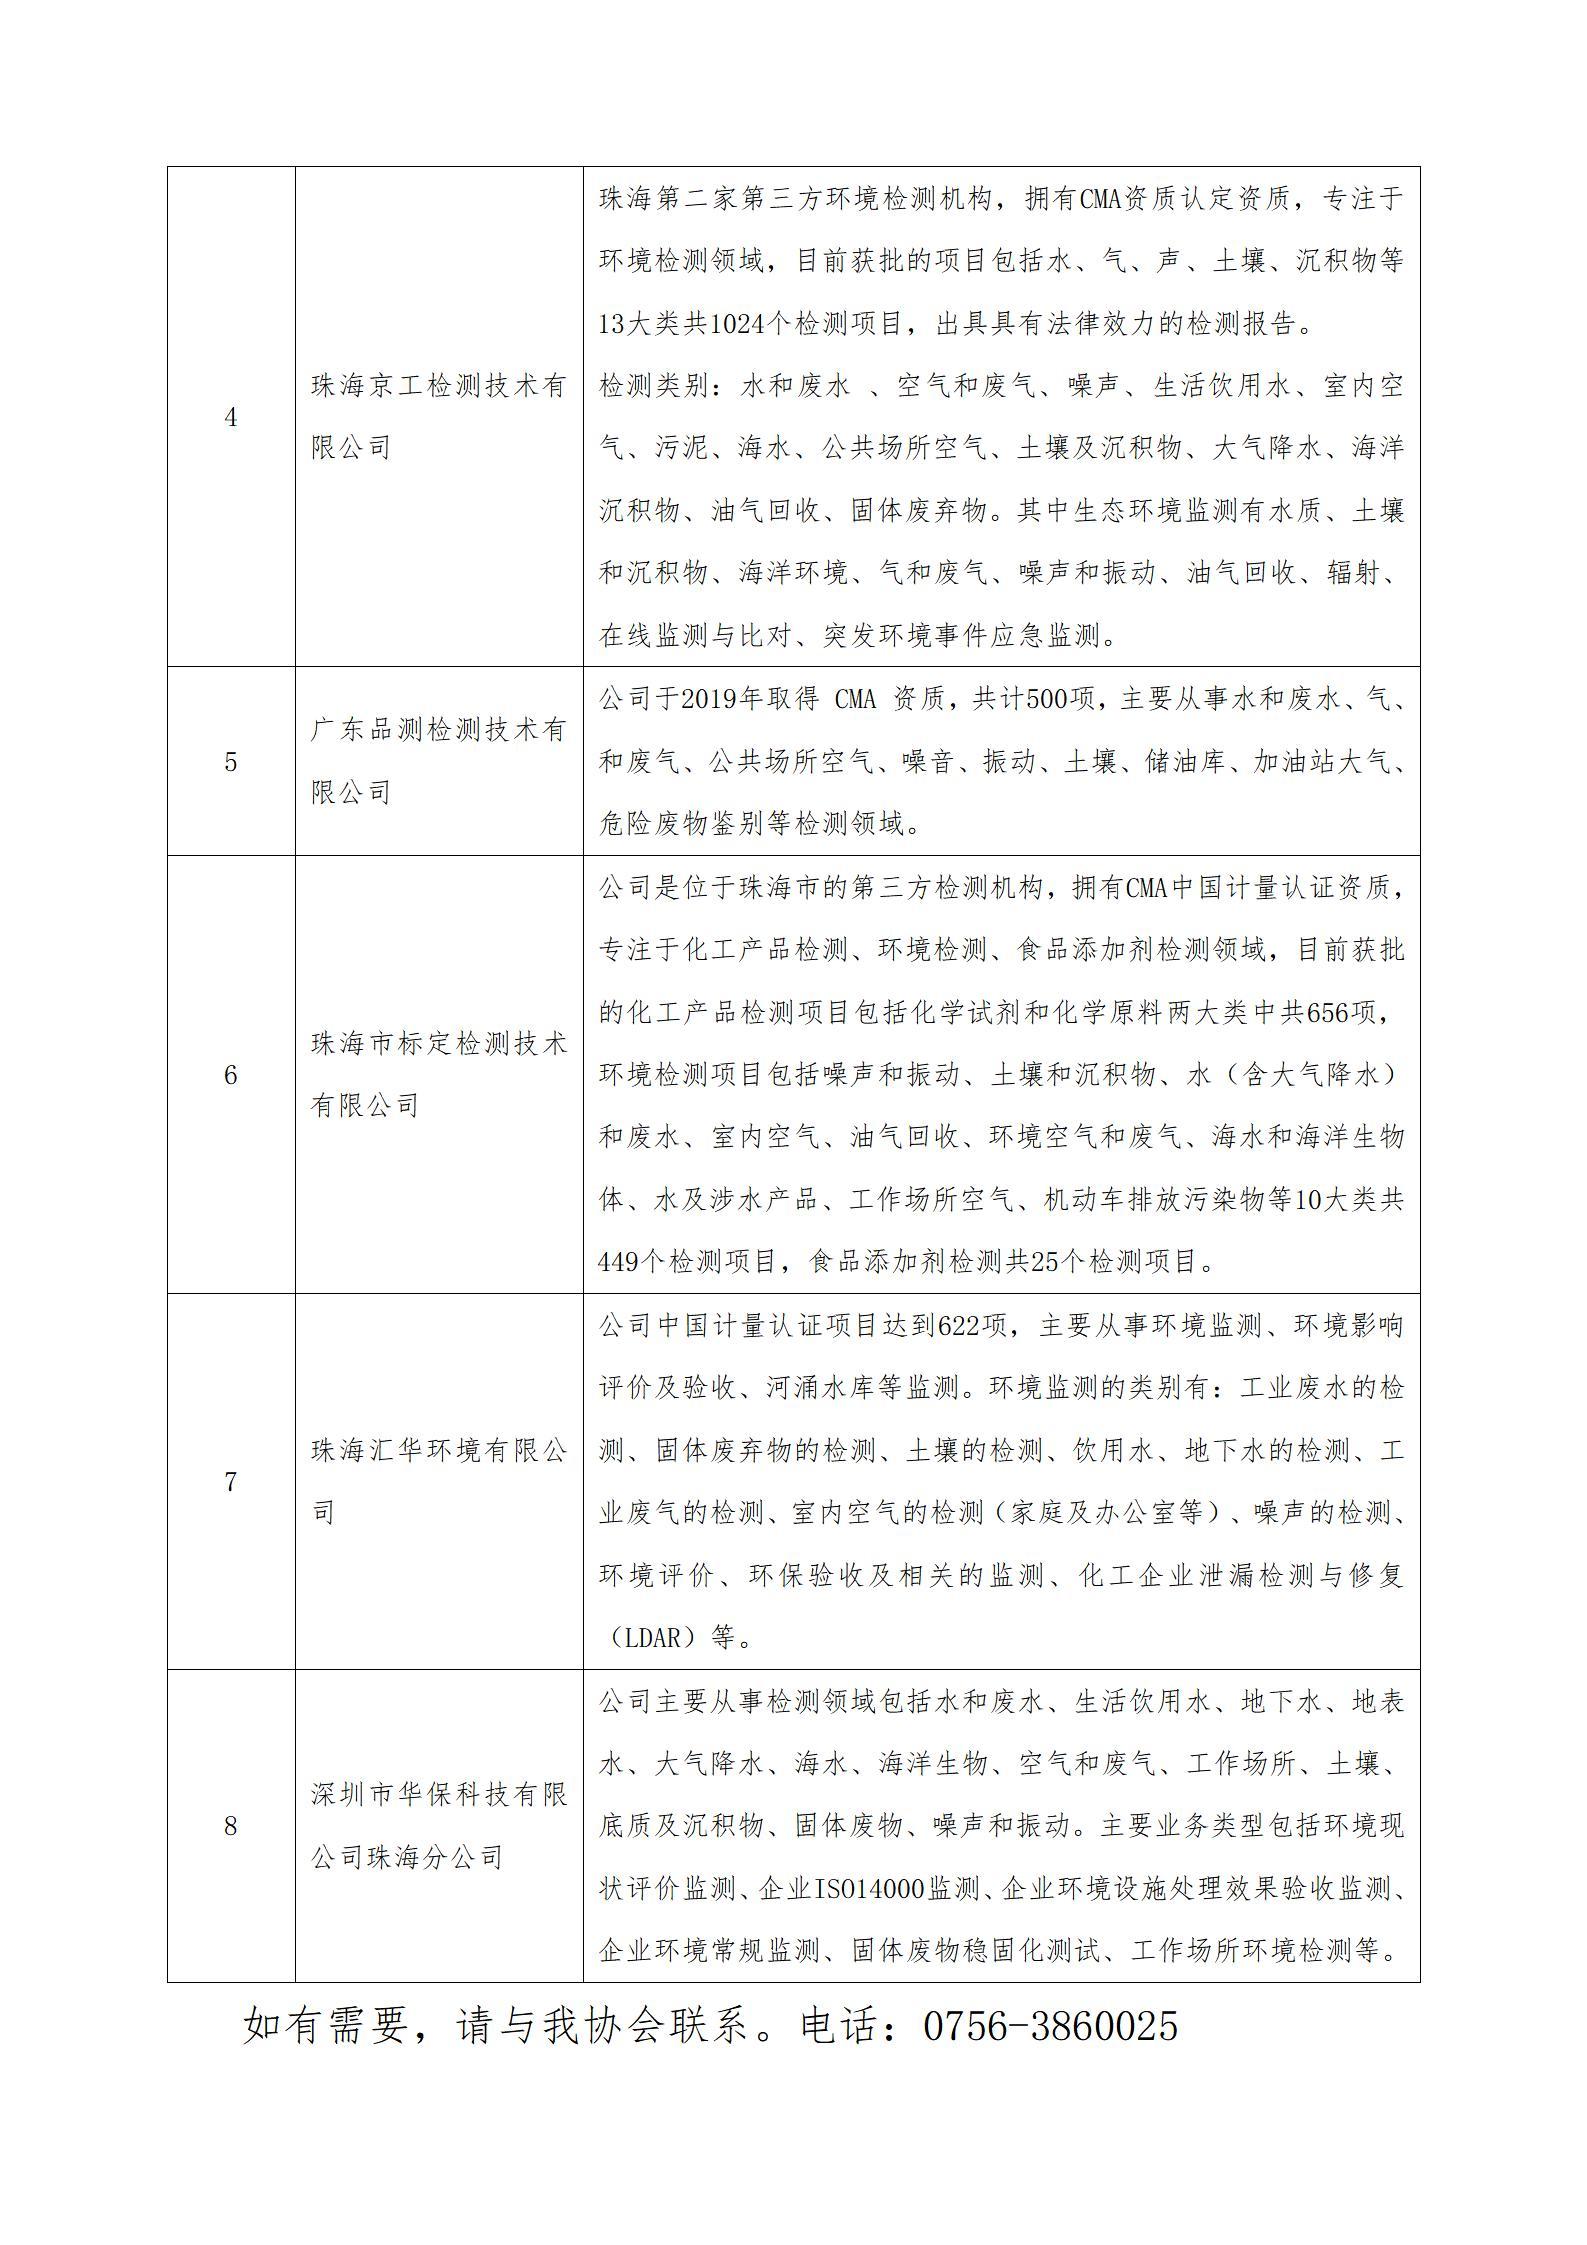 竞博jbo首页生态环境检(监)测机构名单(2)(1)(1)(1)_02.jpg